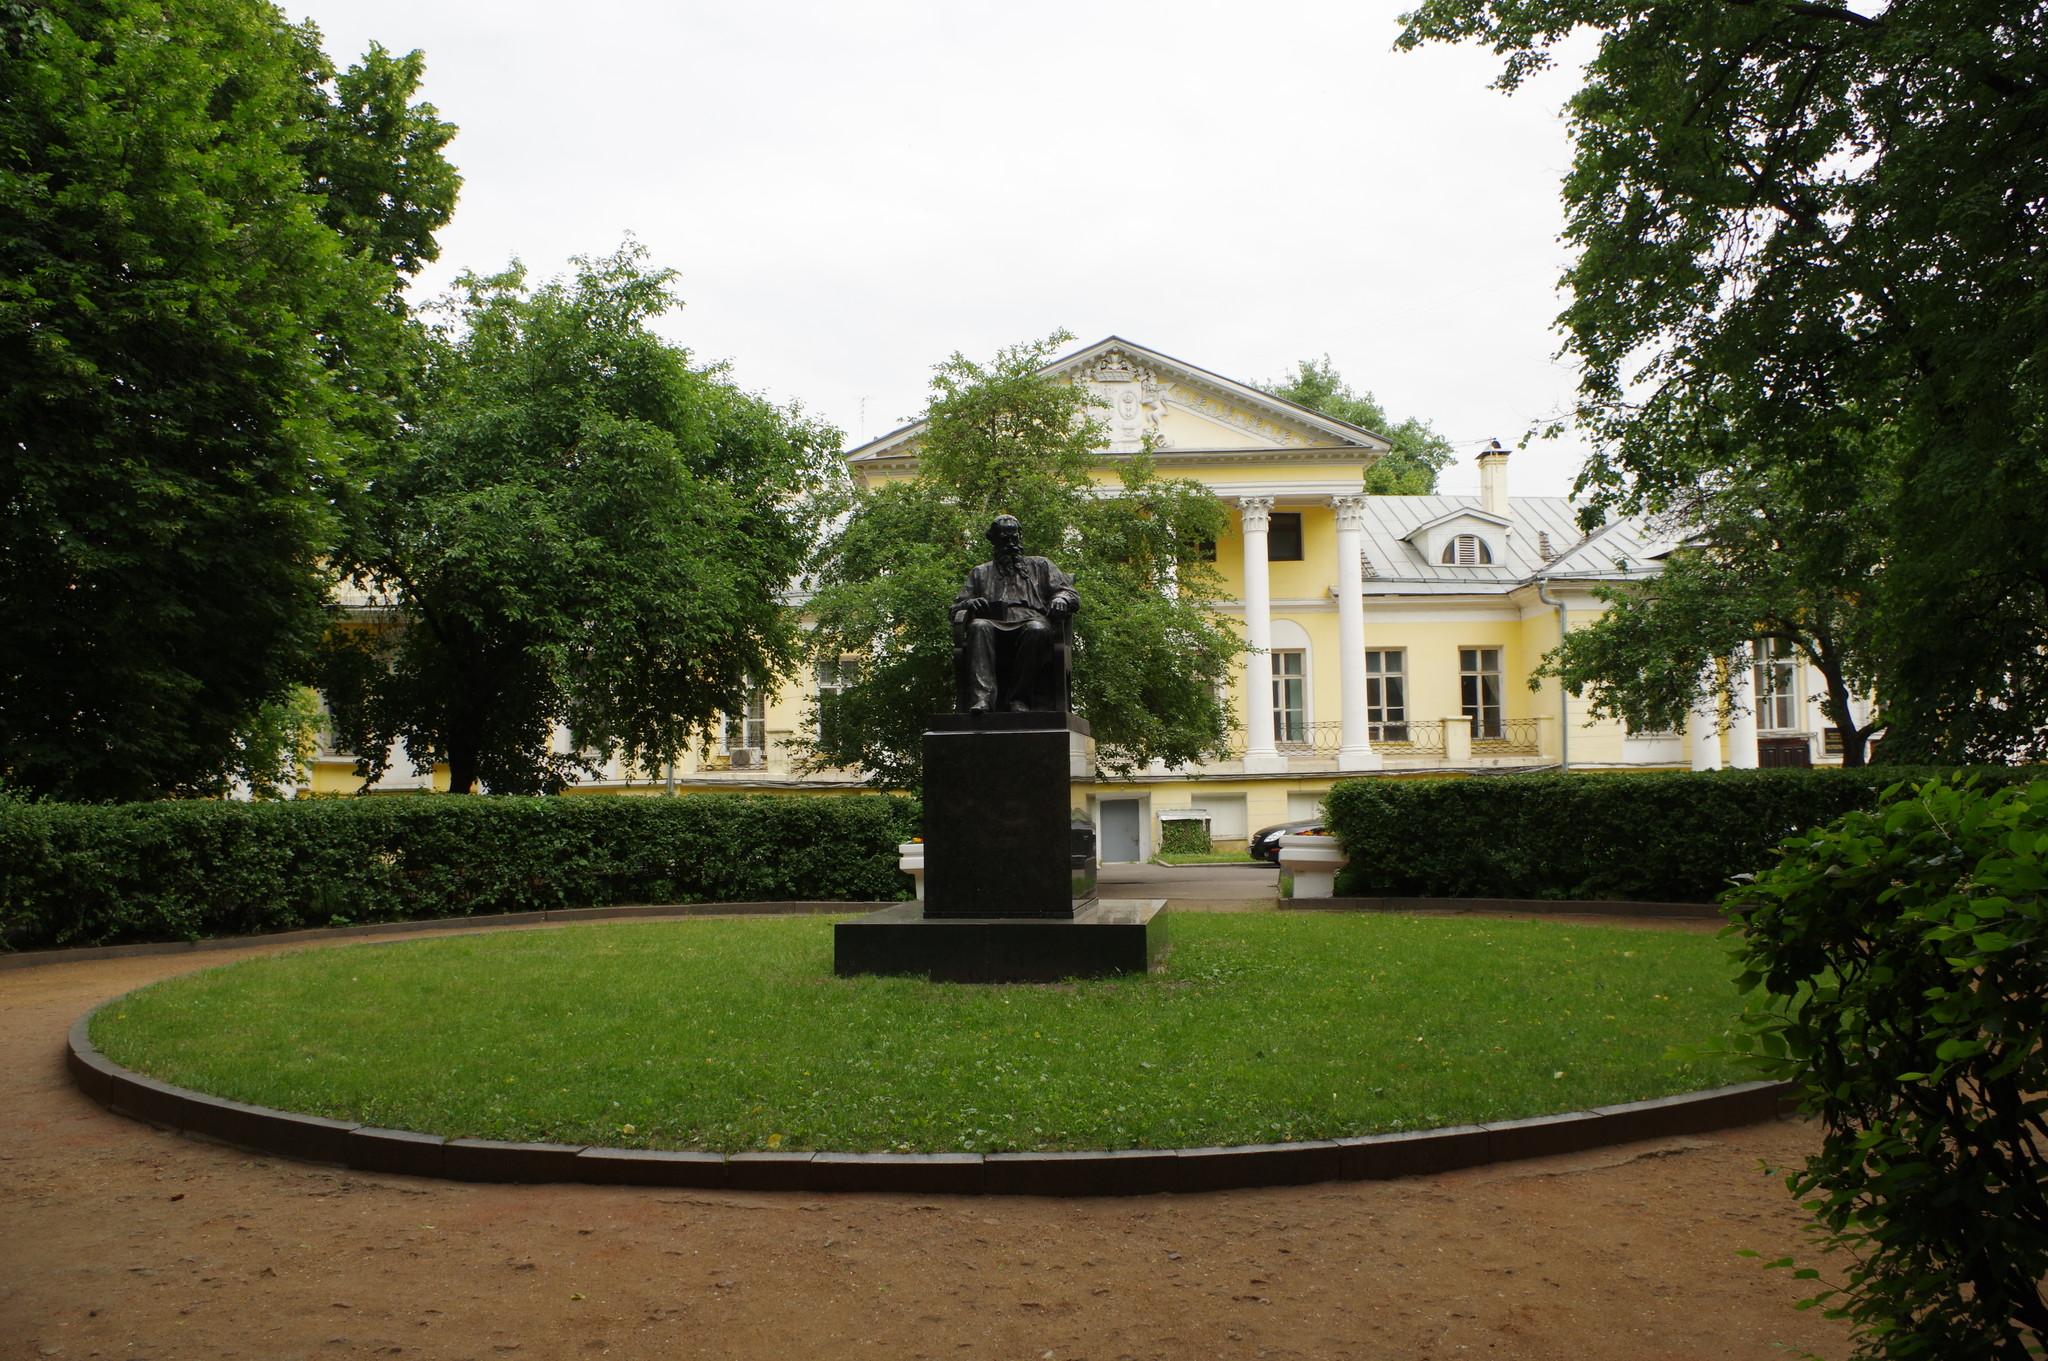 Памятник Льву Николаевичу Толстому торжественно открыли во дворе городской усадьбы (Улица Поварская, дом 52) в 1956 году